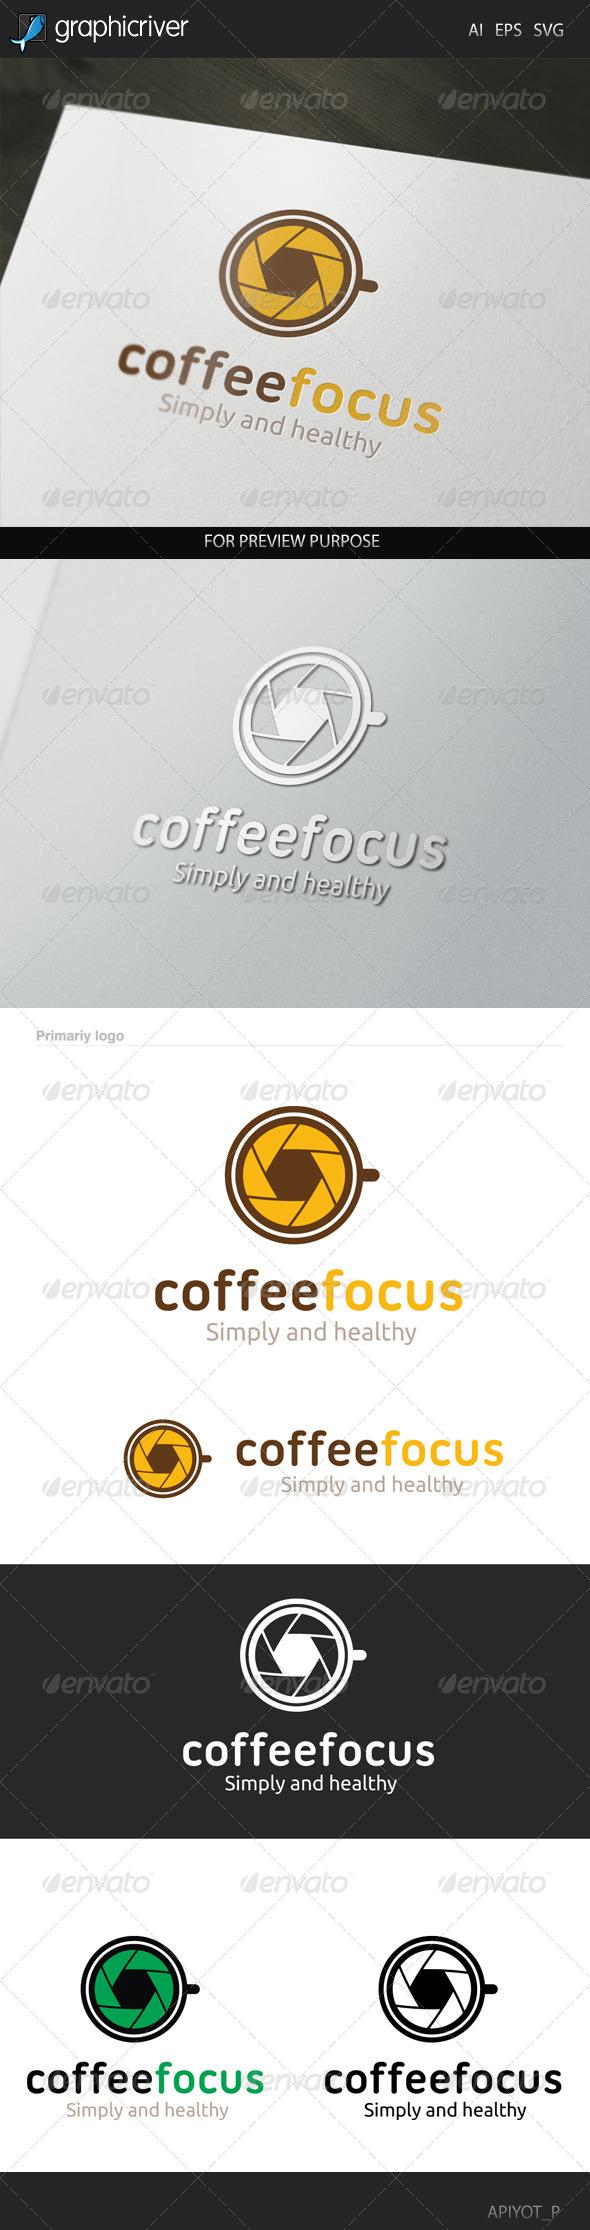 GraphicRiver Coffee Focus Logo 8514716